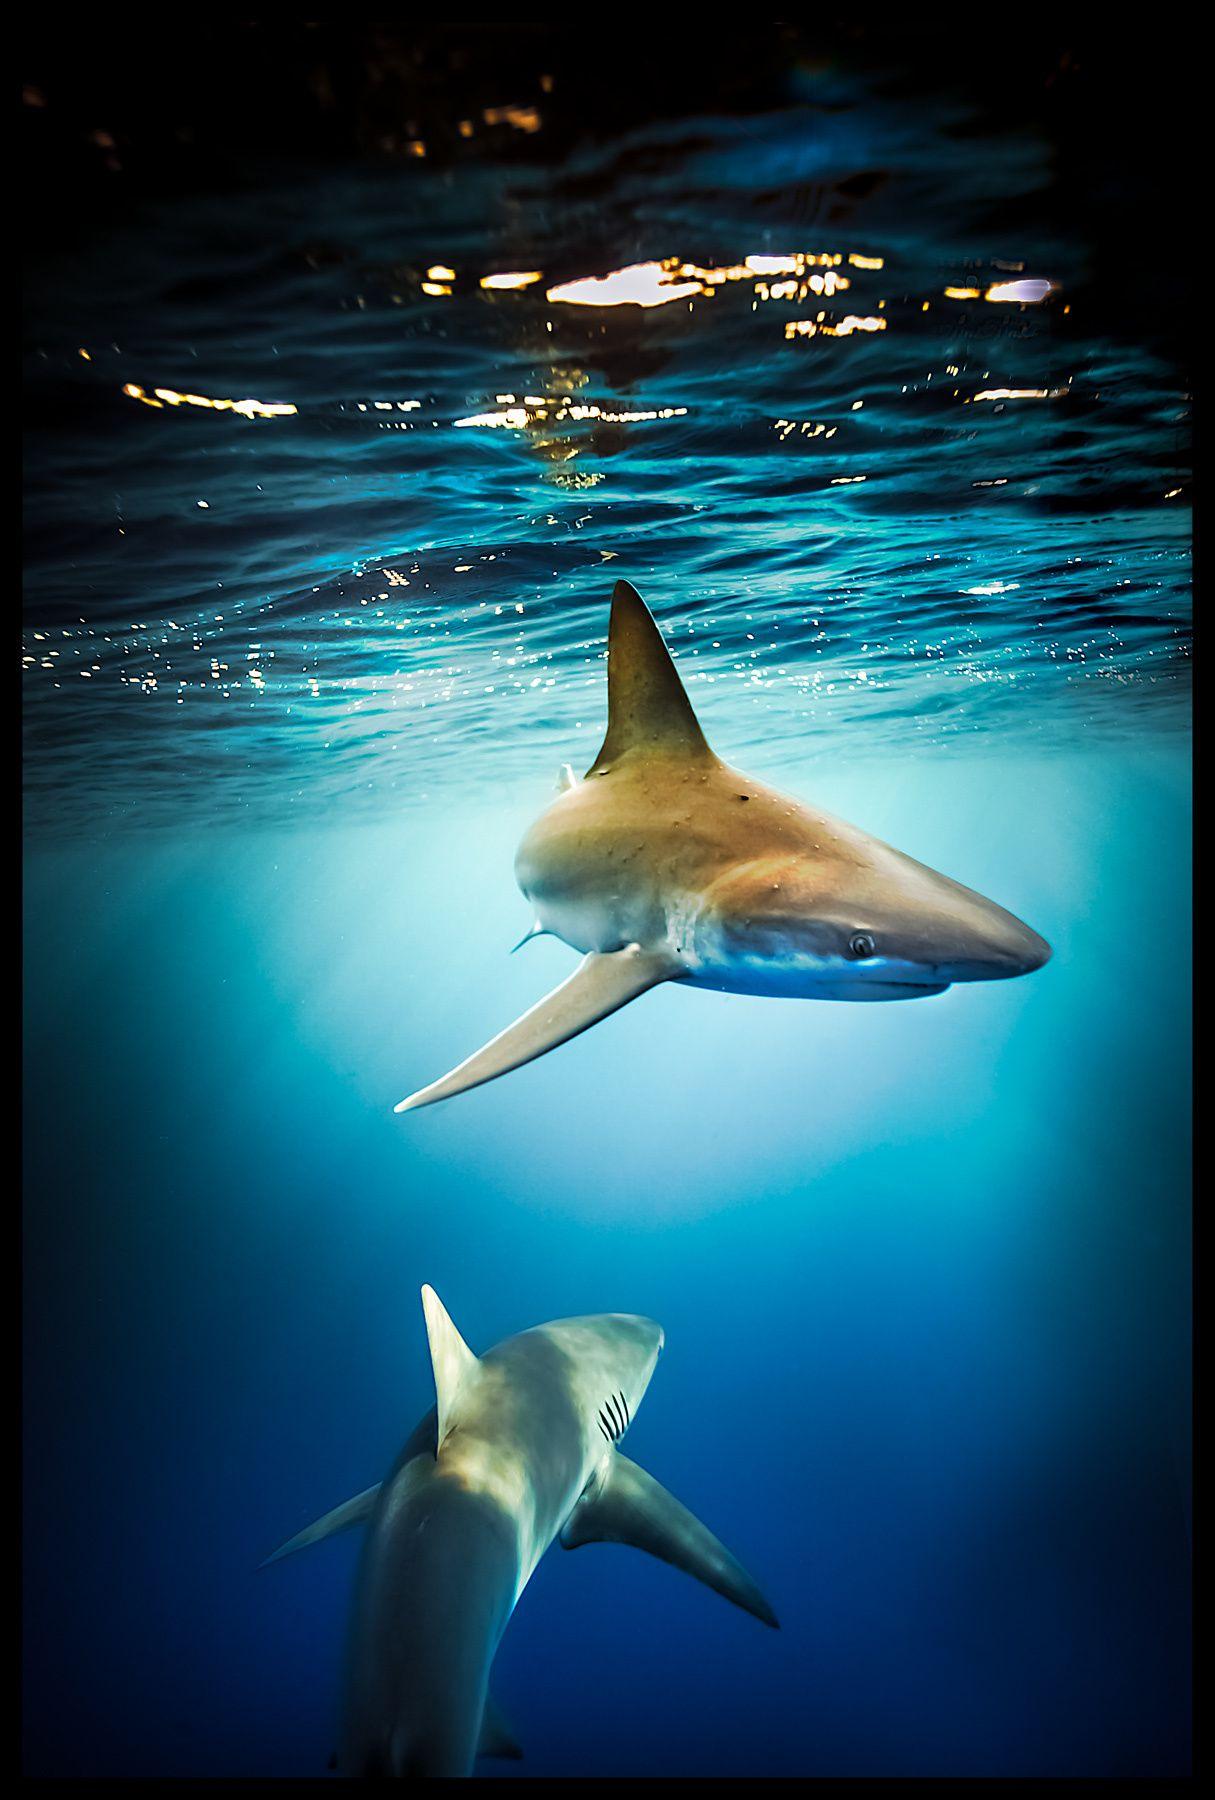 Sharkbait